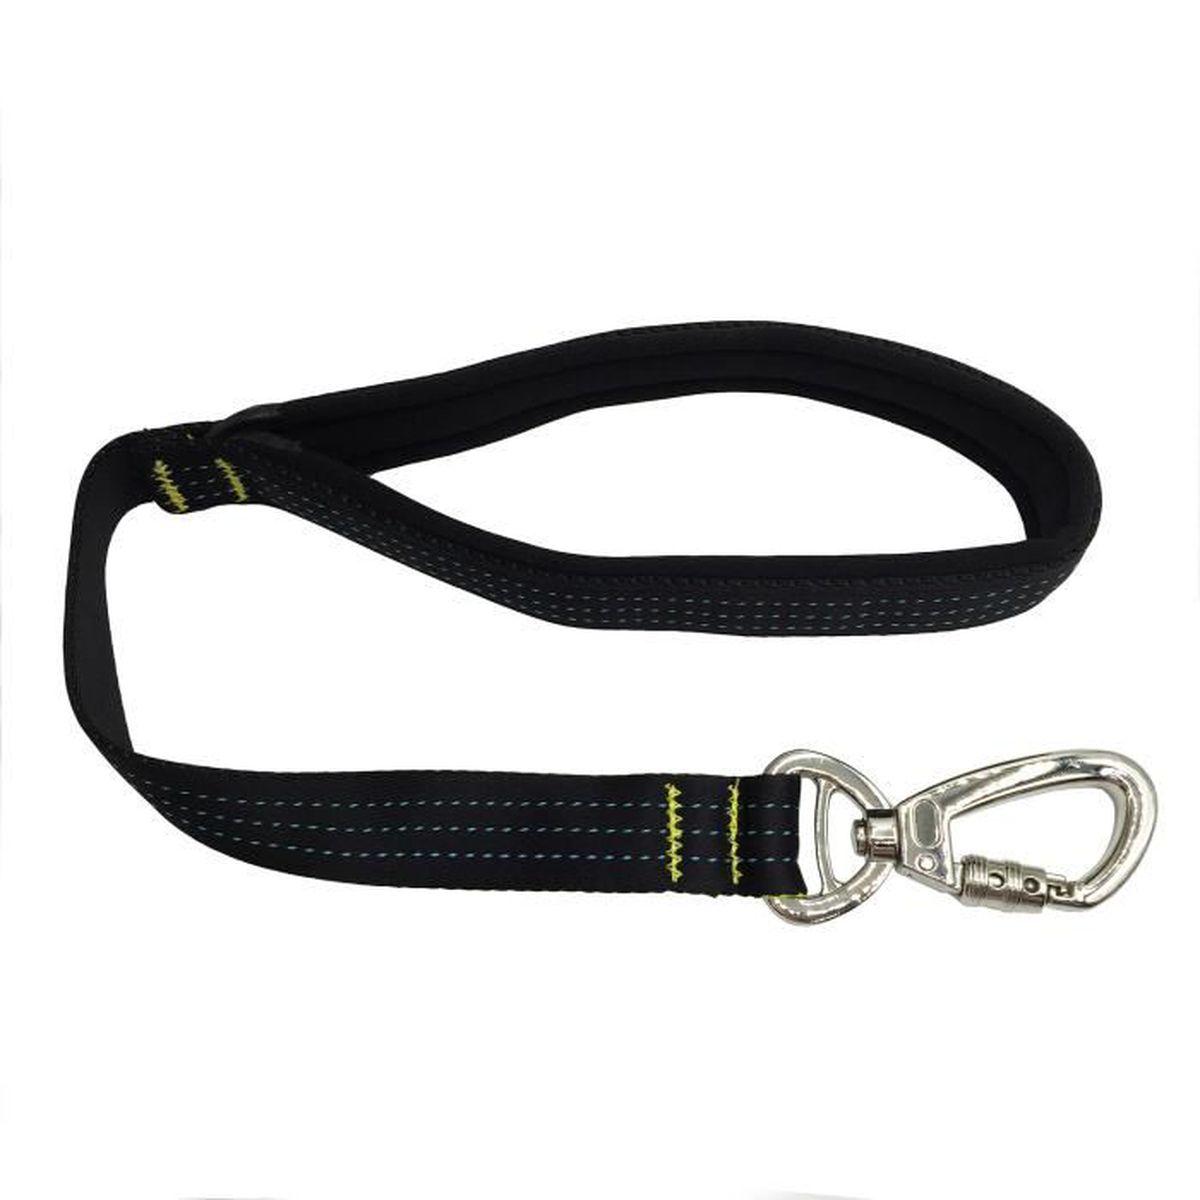 Laisse courte en corde nylon avec poign e de commande - Laisse corde gros chien ...